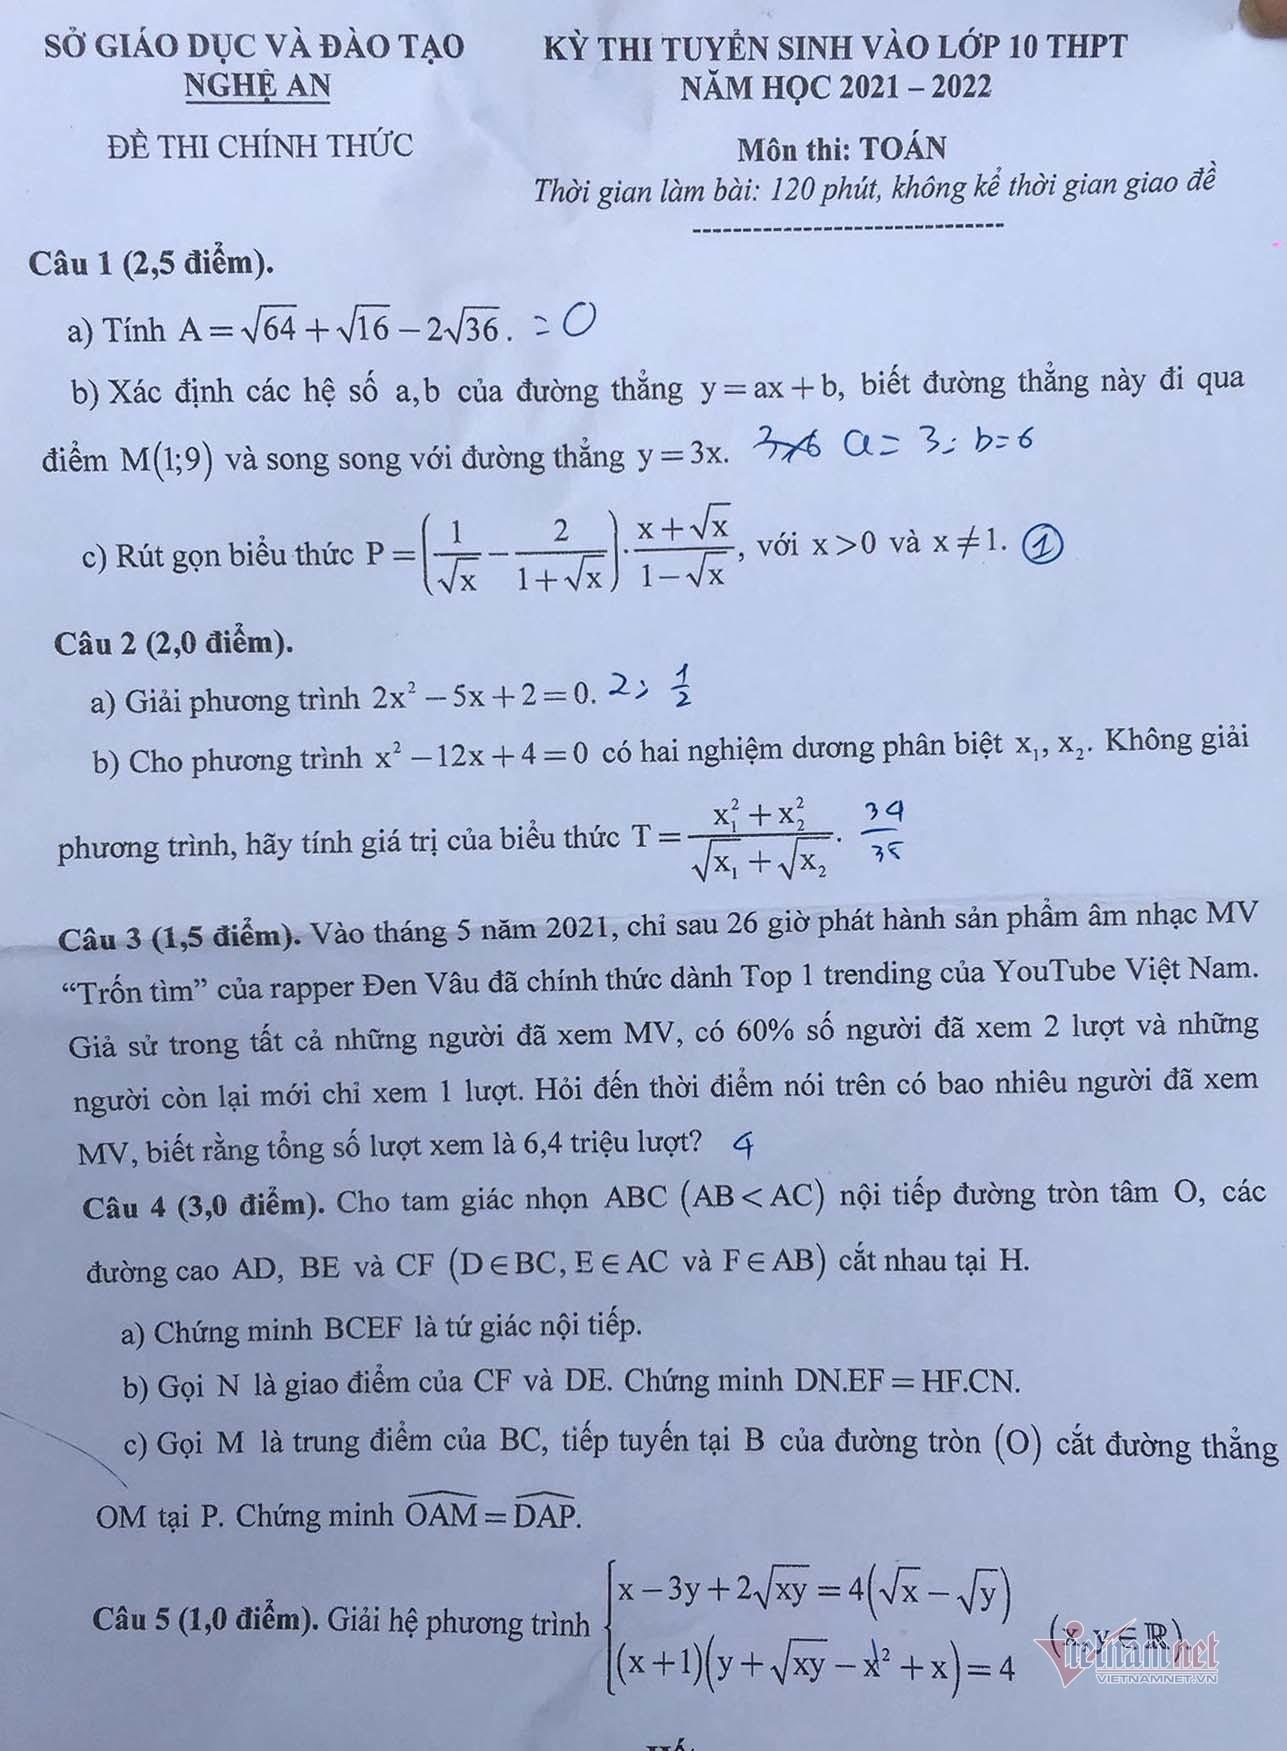 Đề Toán thi vào lớp 10 Nghệ An: Thí sinh gặp khó từ nấc 7,5 điểm